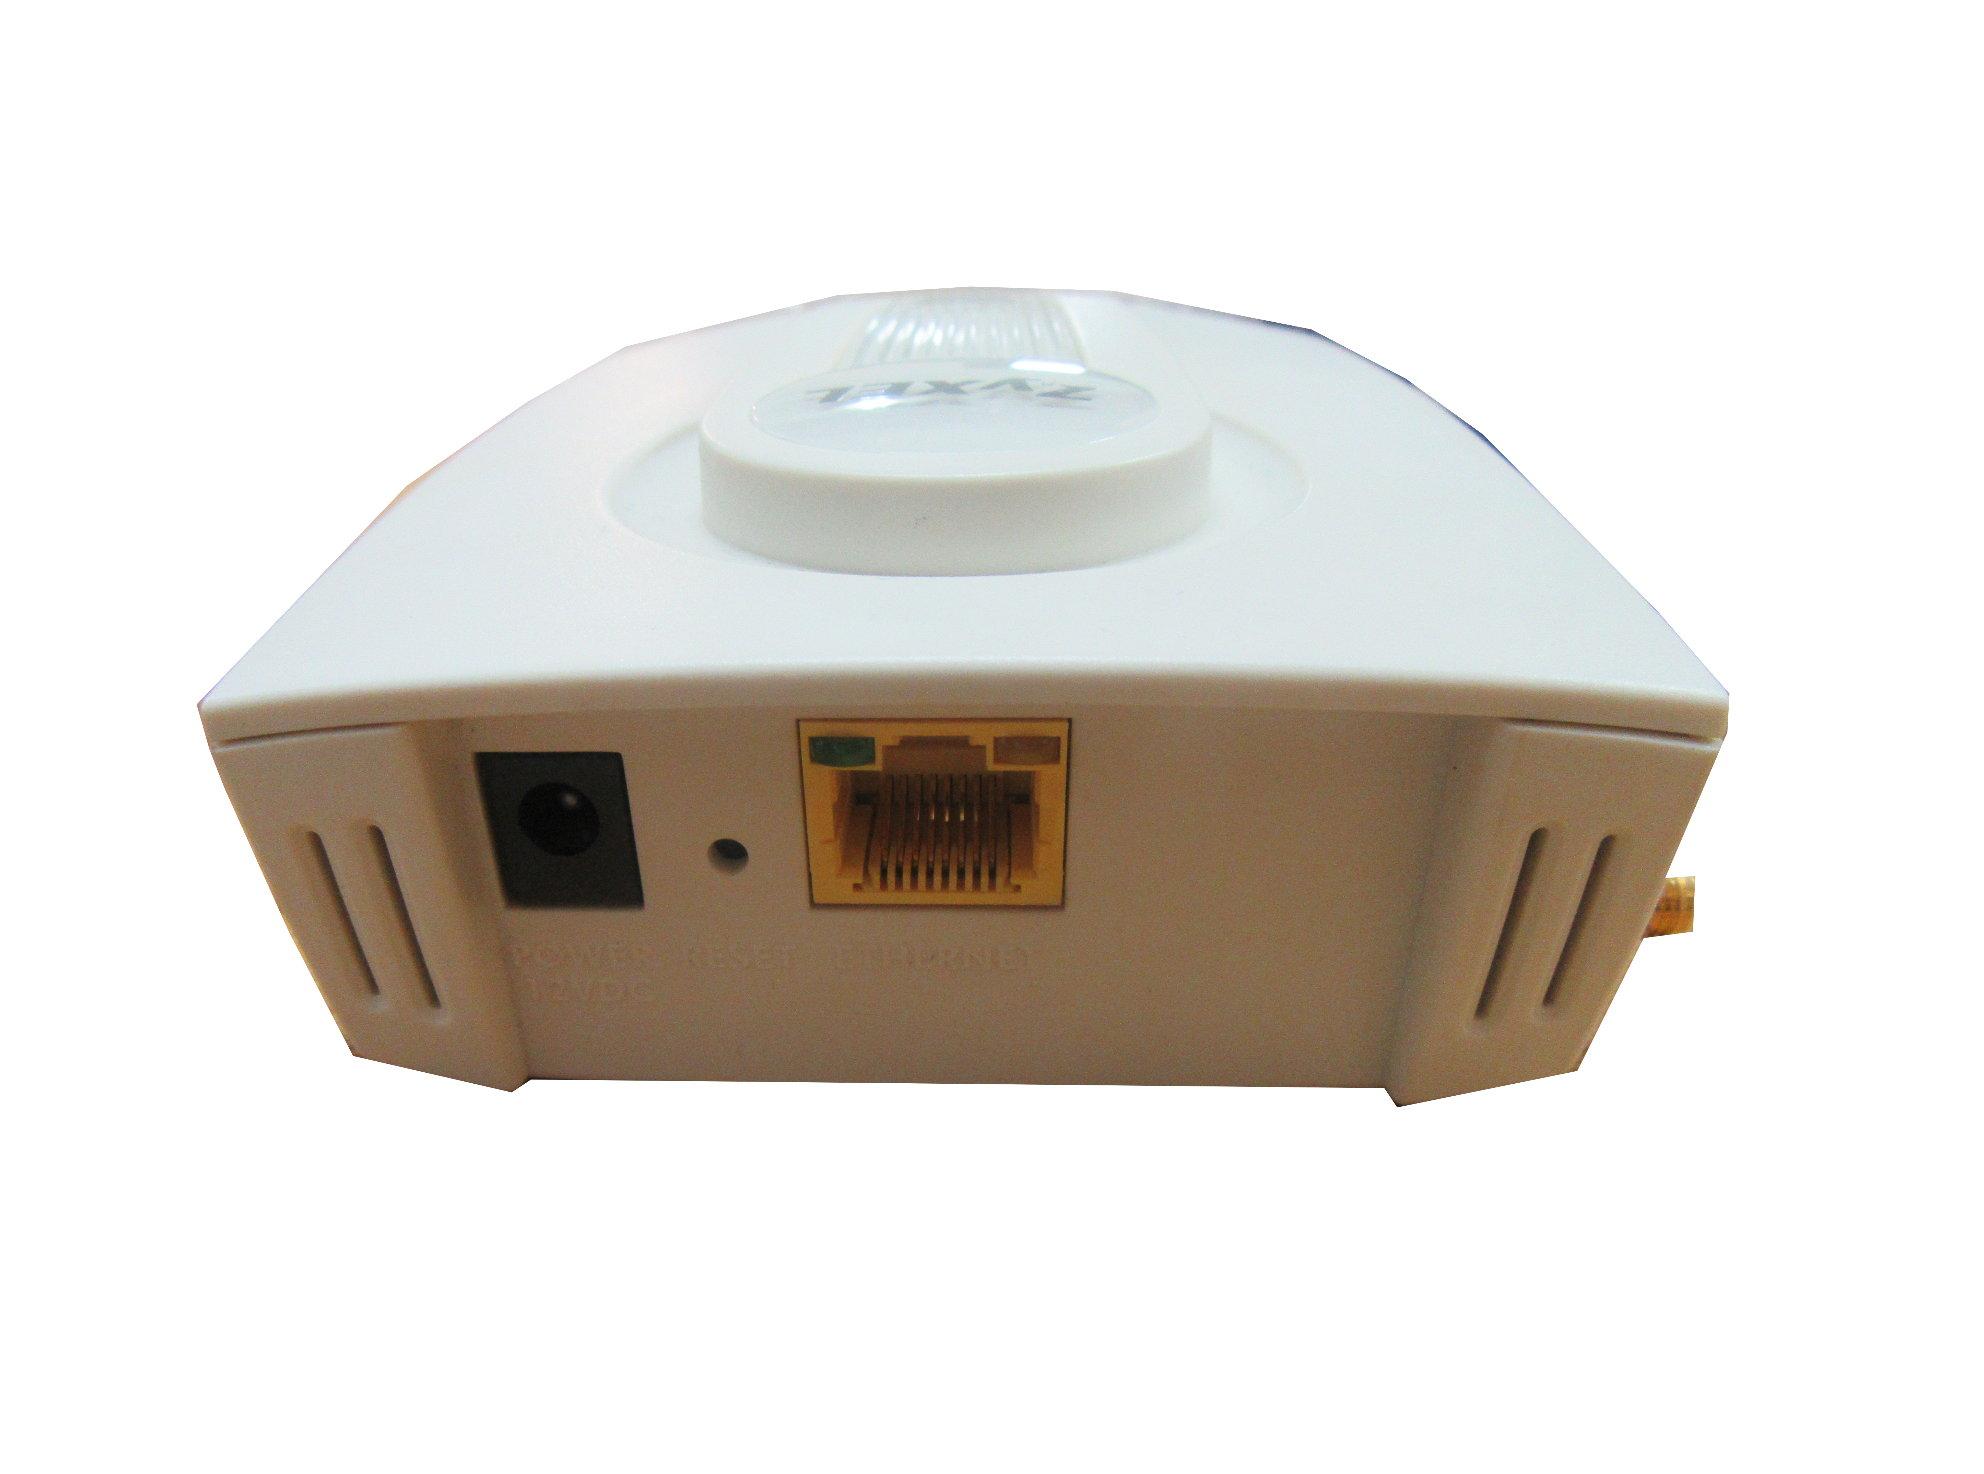 ★綠光能Outlet★ZYXEL NWA1100 802.11 b/g 企業型無線基地台